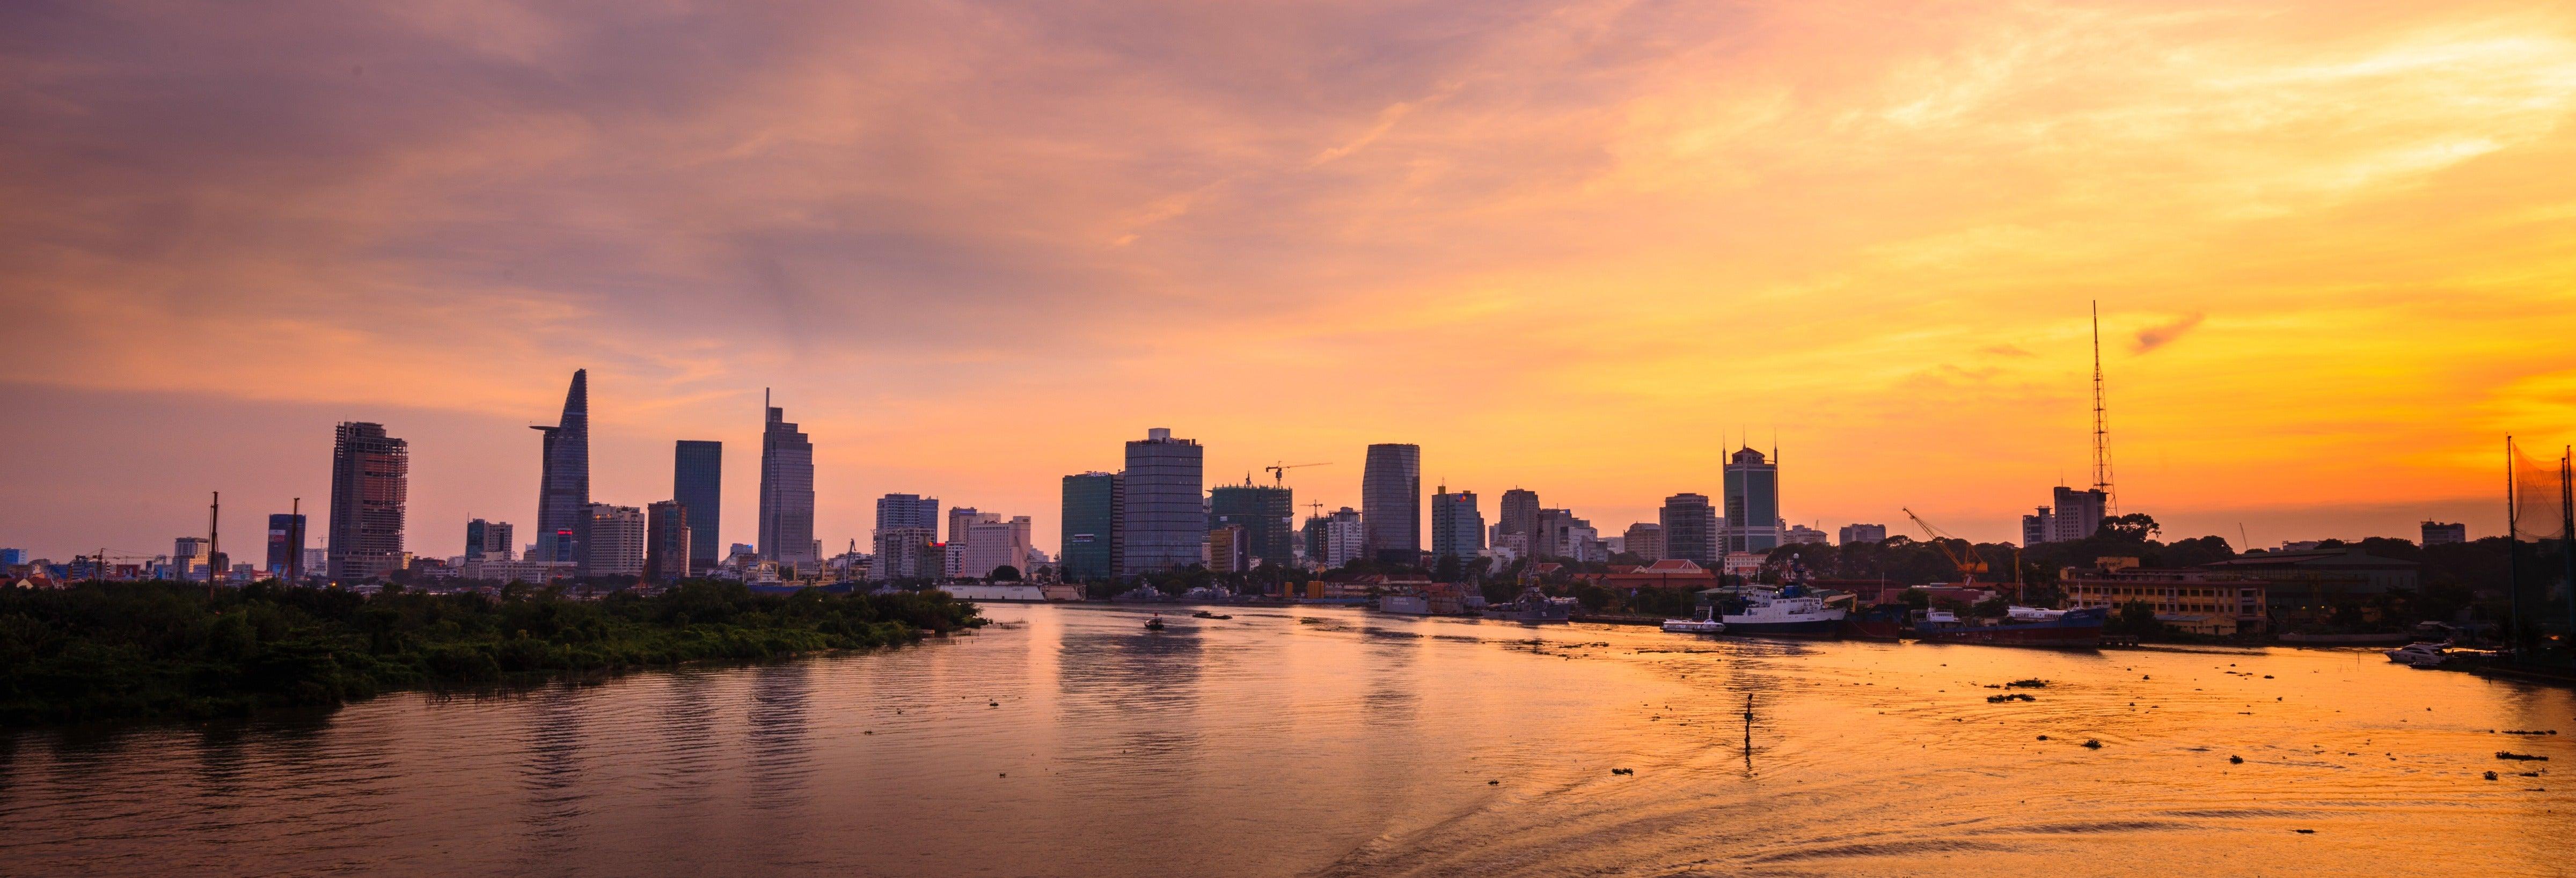 Crociera sul fiume Saigon al tramonto